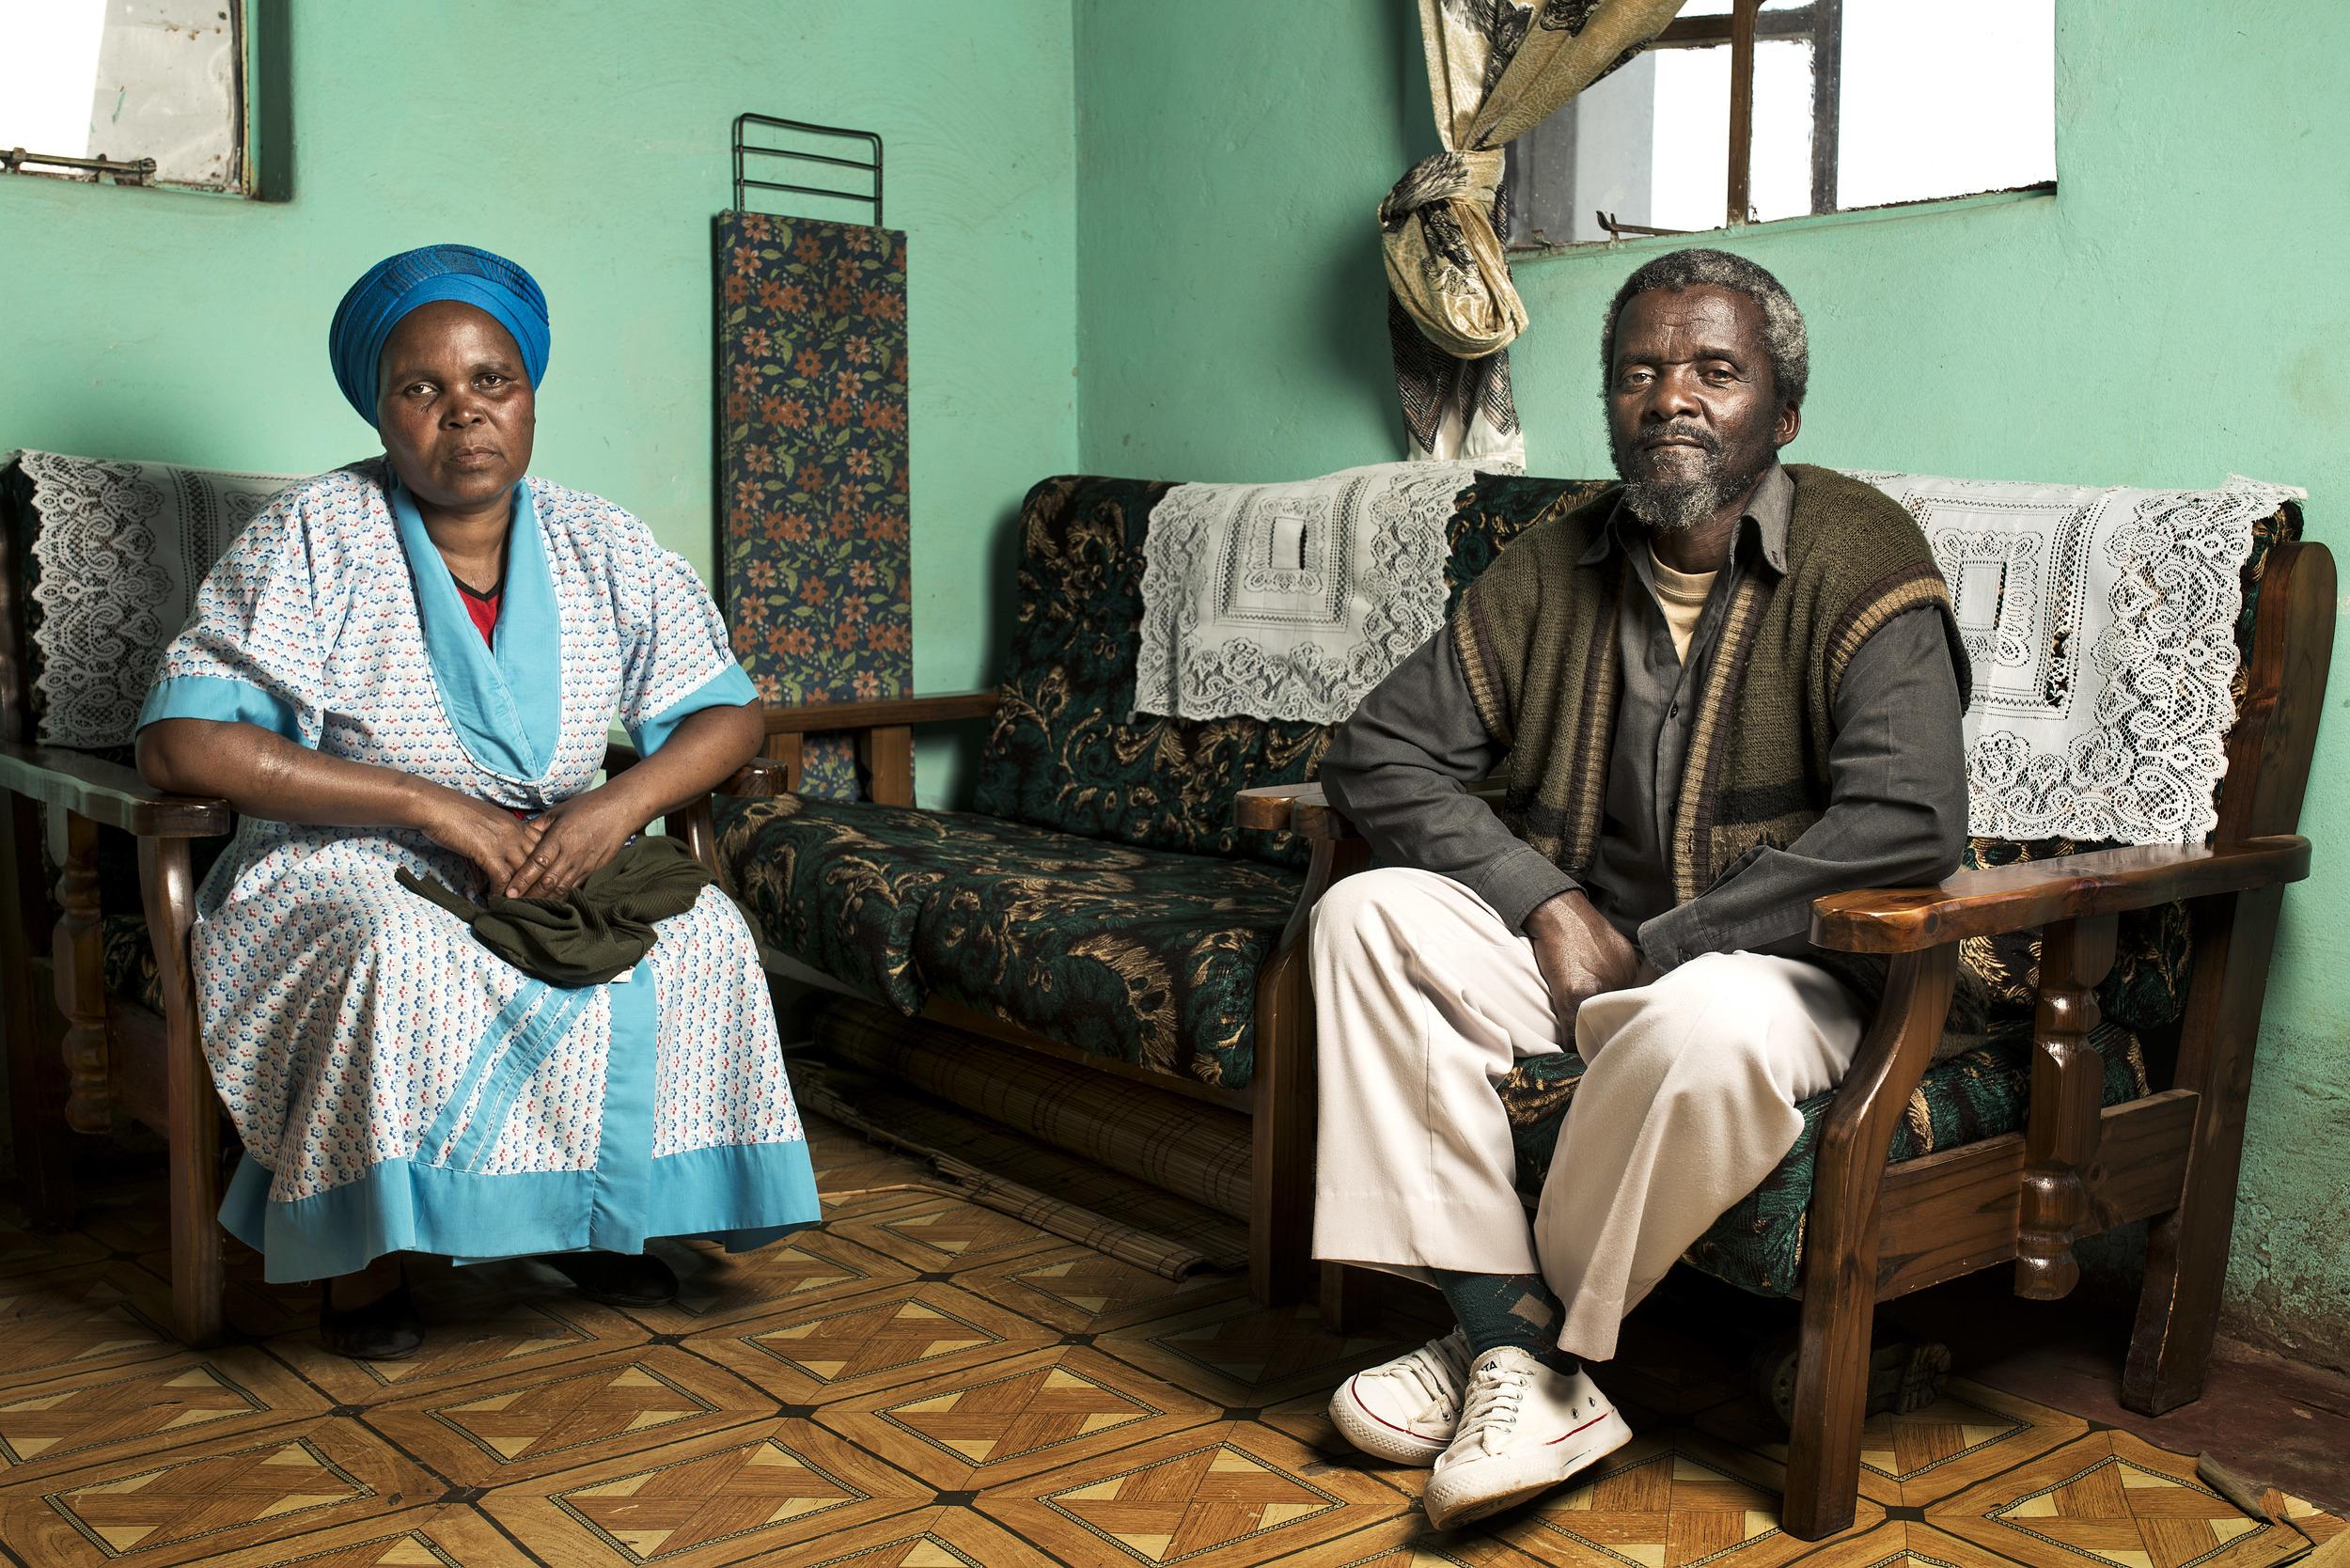 Mzawubalalekwa & Macetshwayo Diya at home.